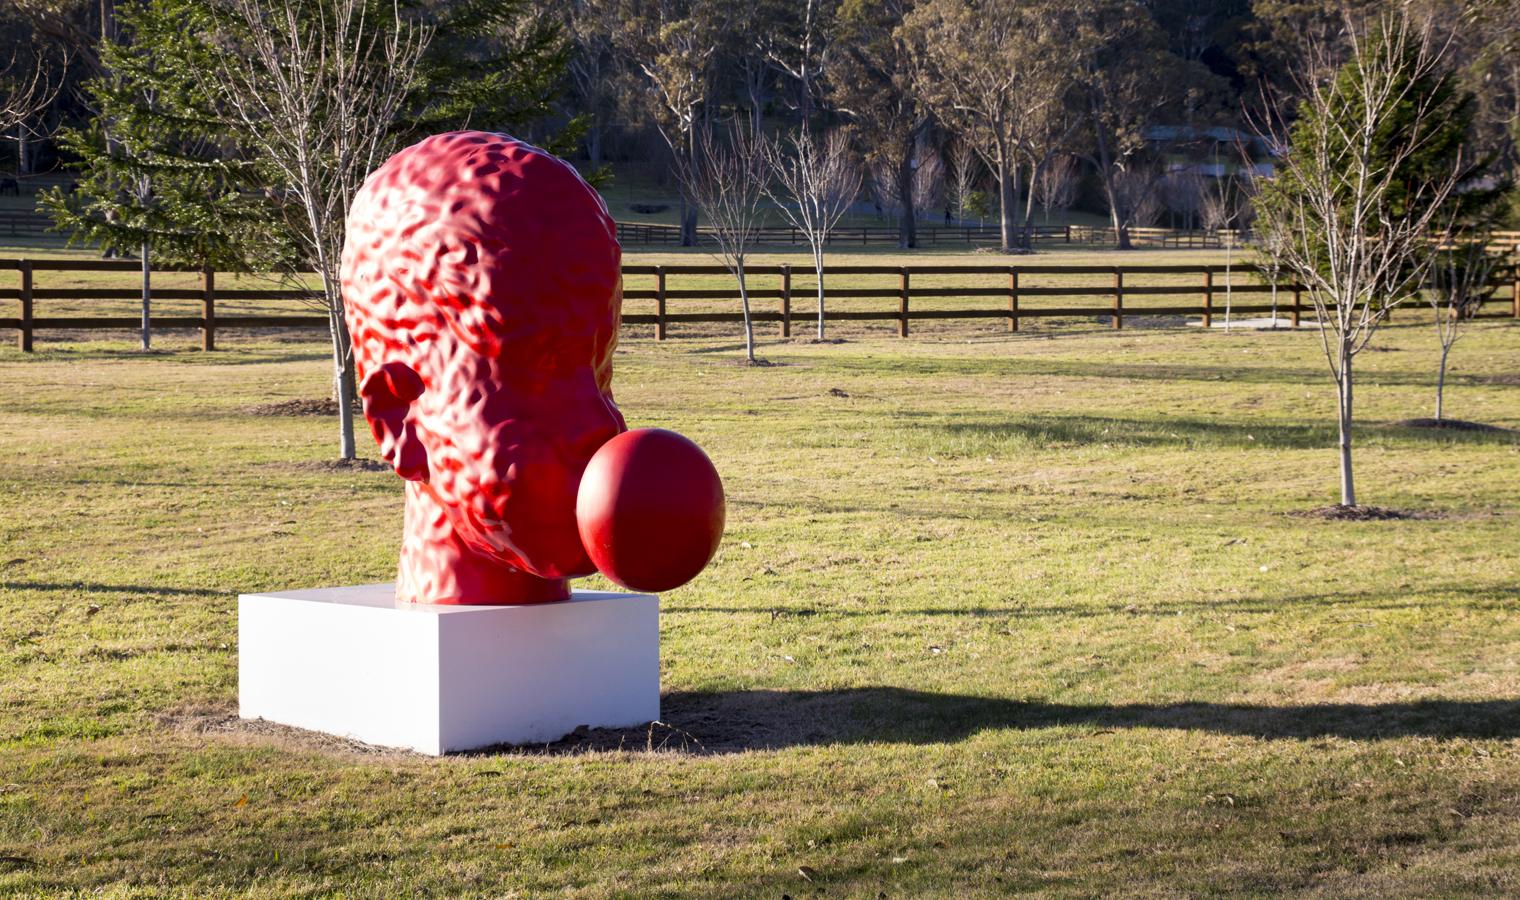 2-bubble-gum-red-Sculpture-website-template-size-1520x900